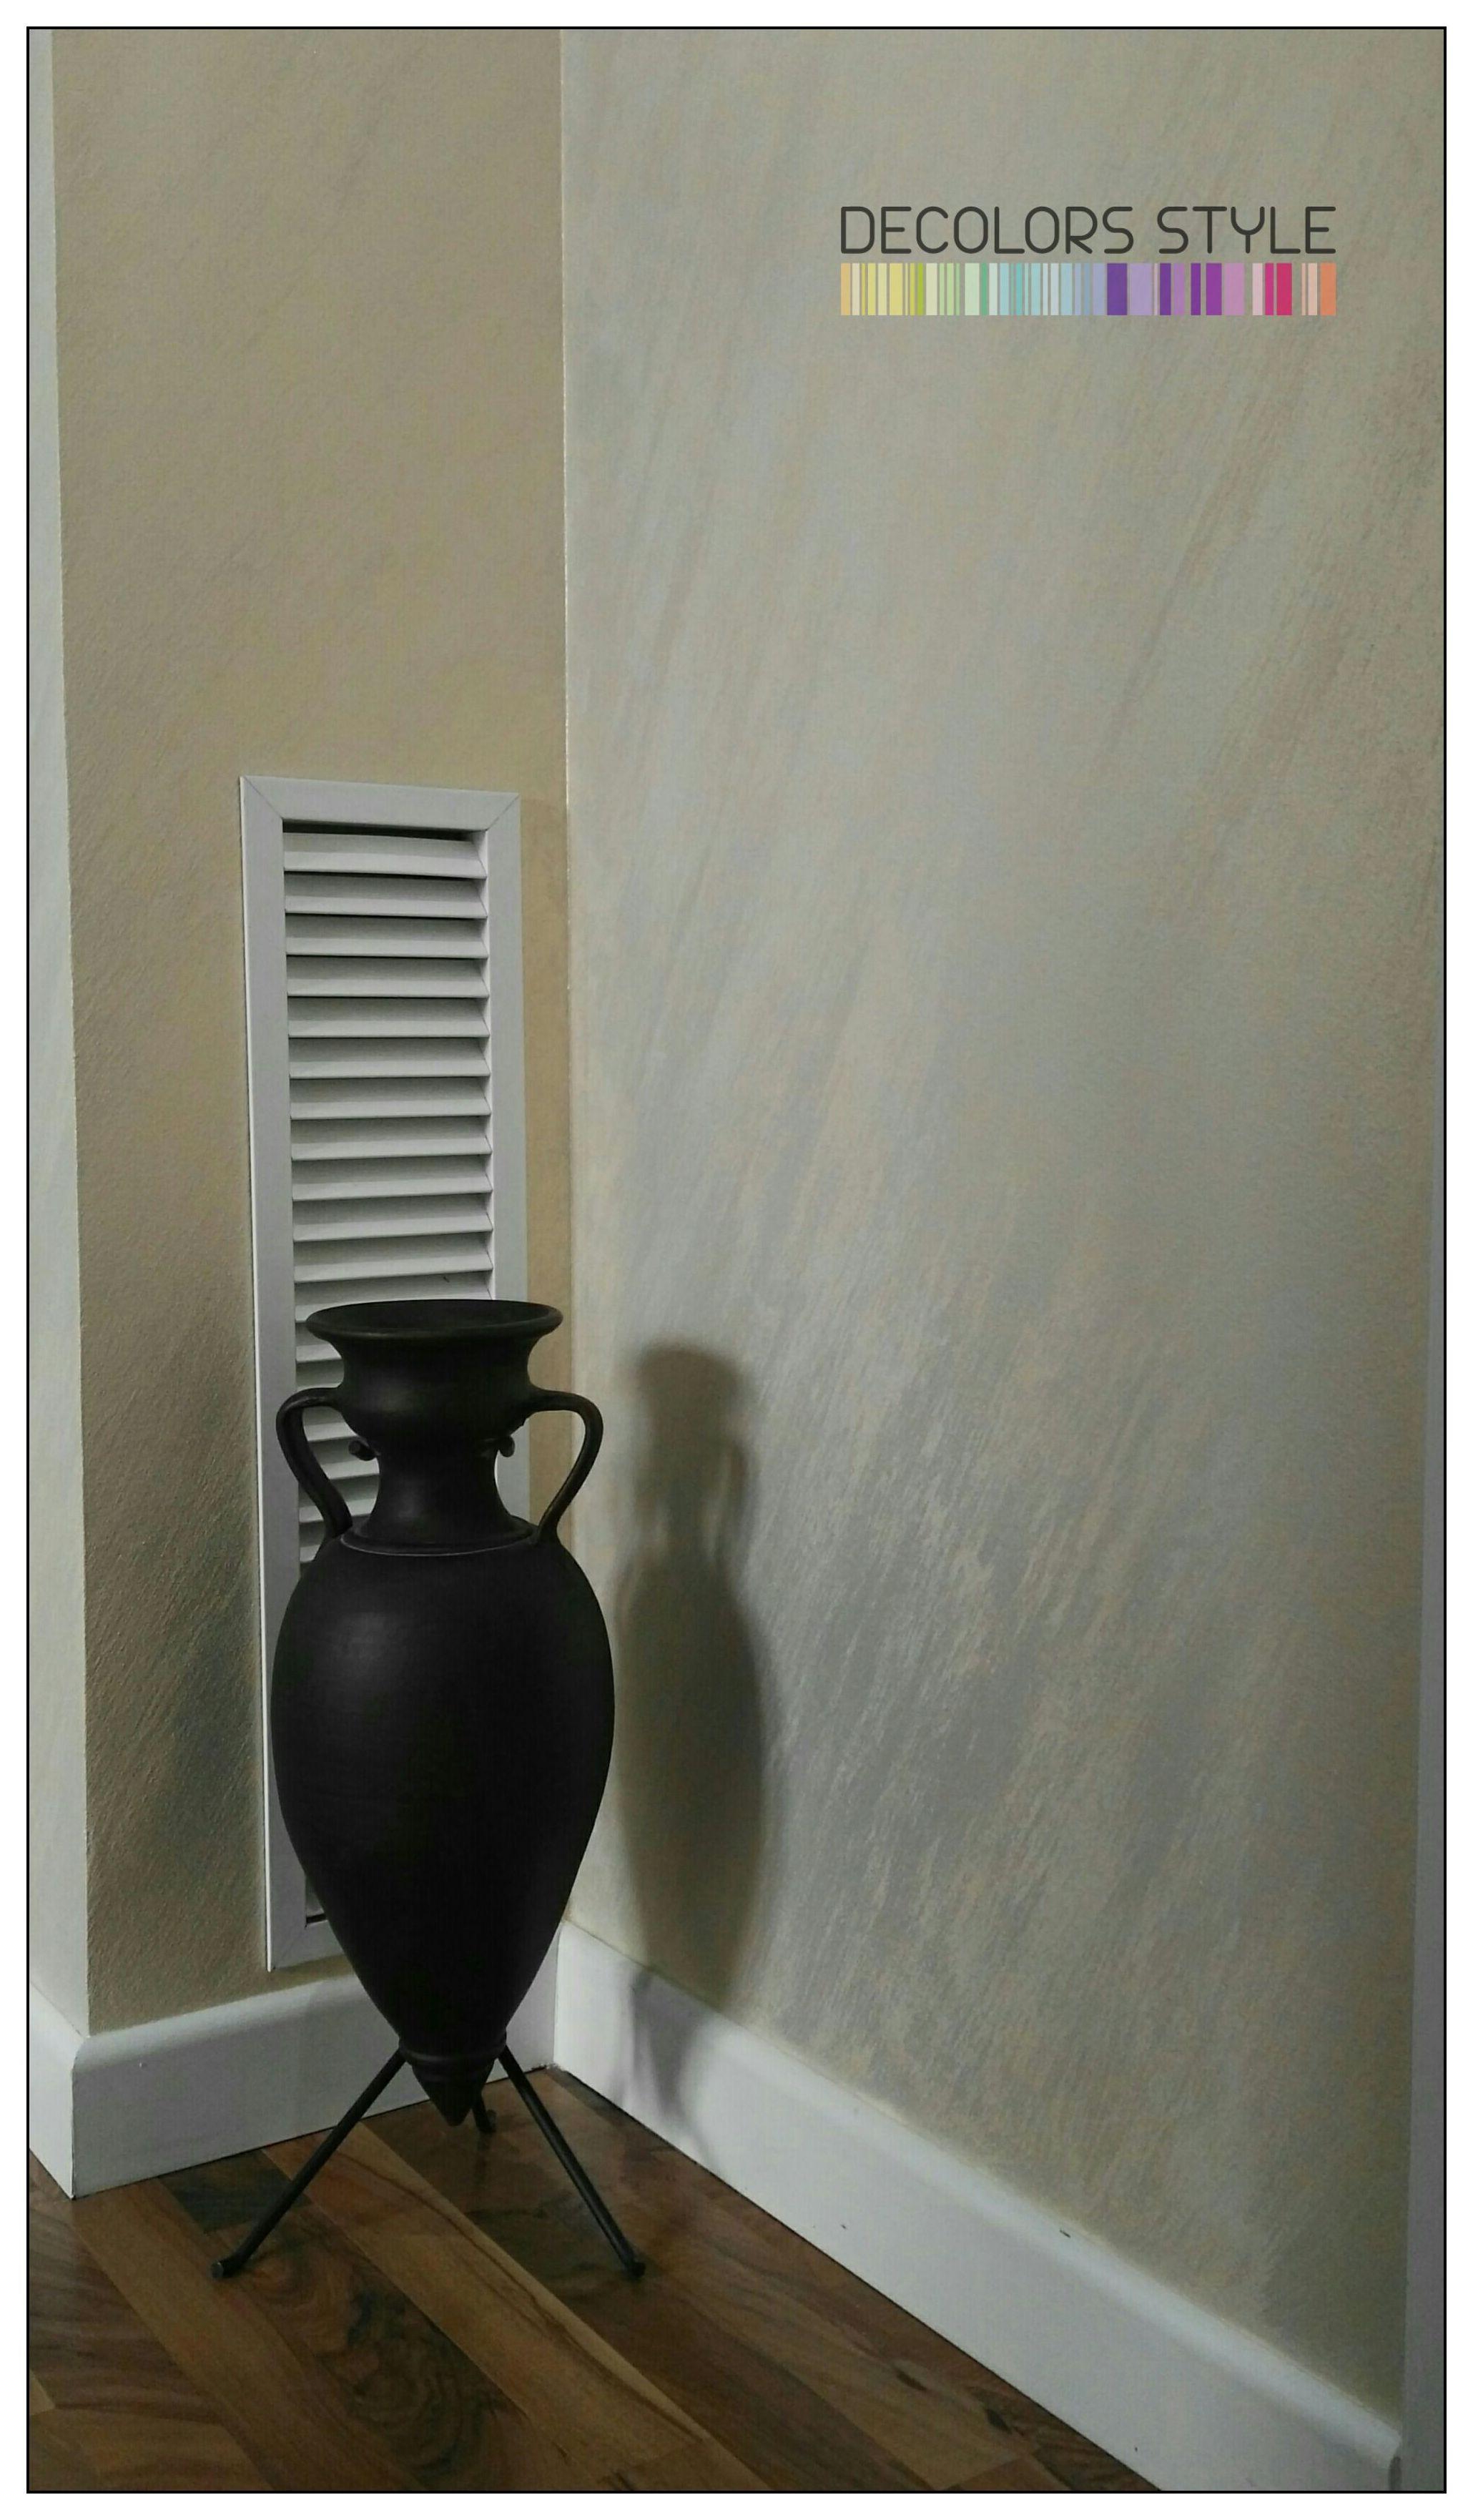 Foto 34 de Expertos en el sector de la pintura en Barcelona | Decolors Style